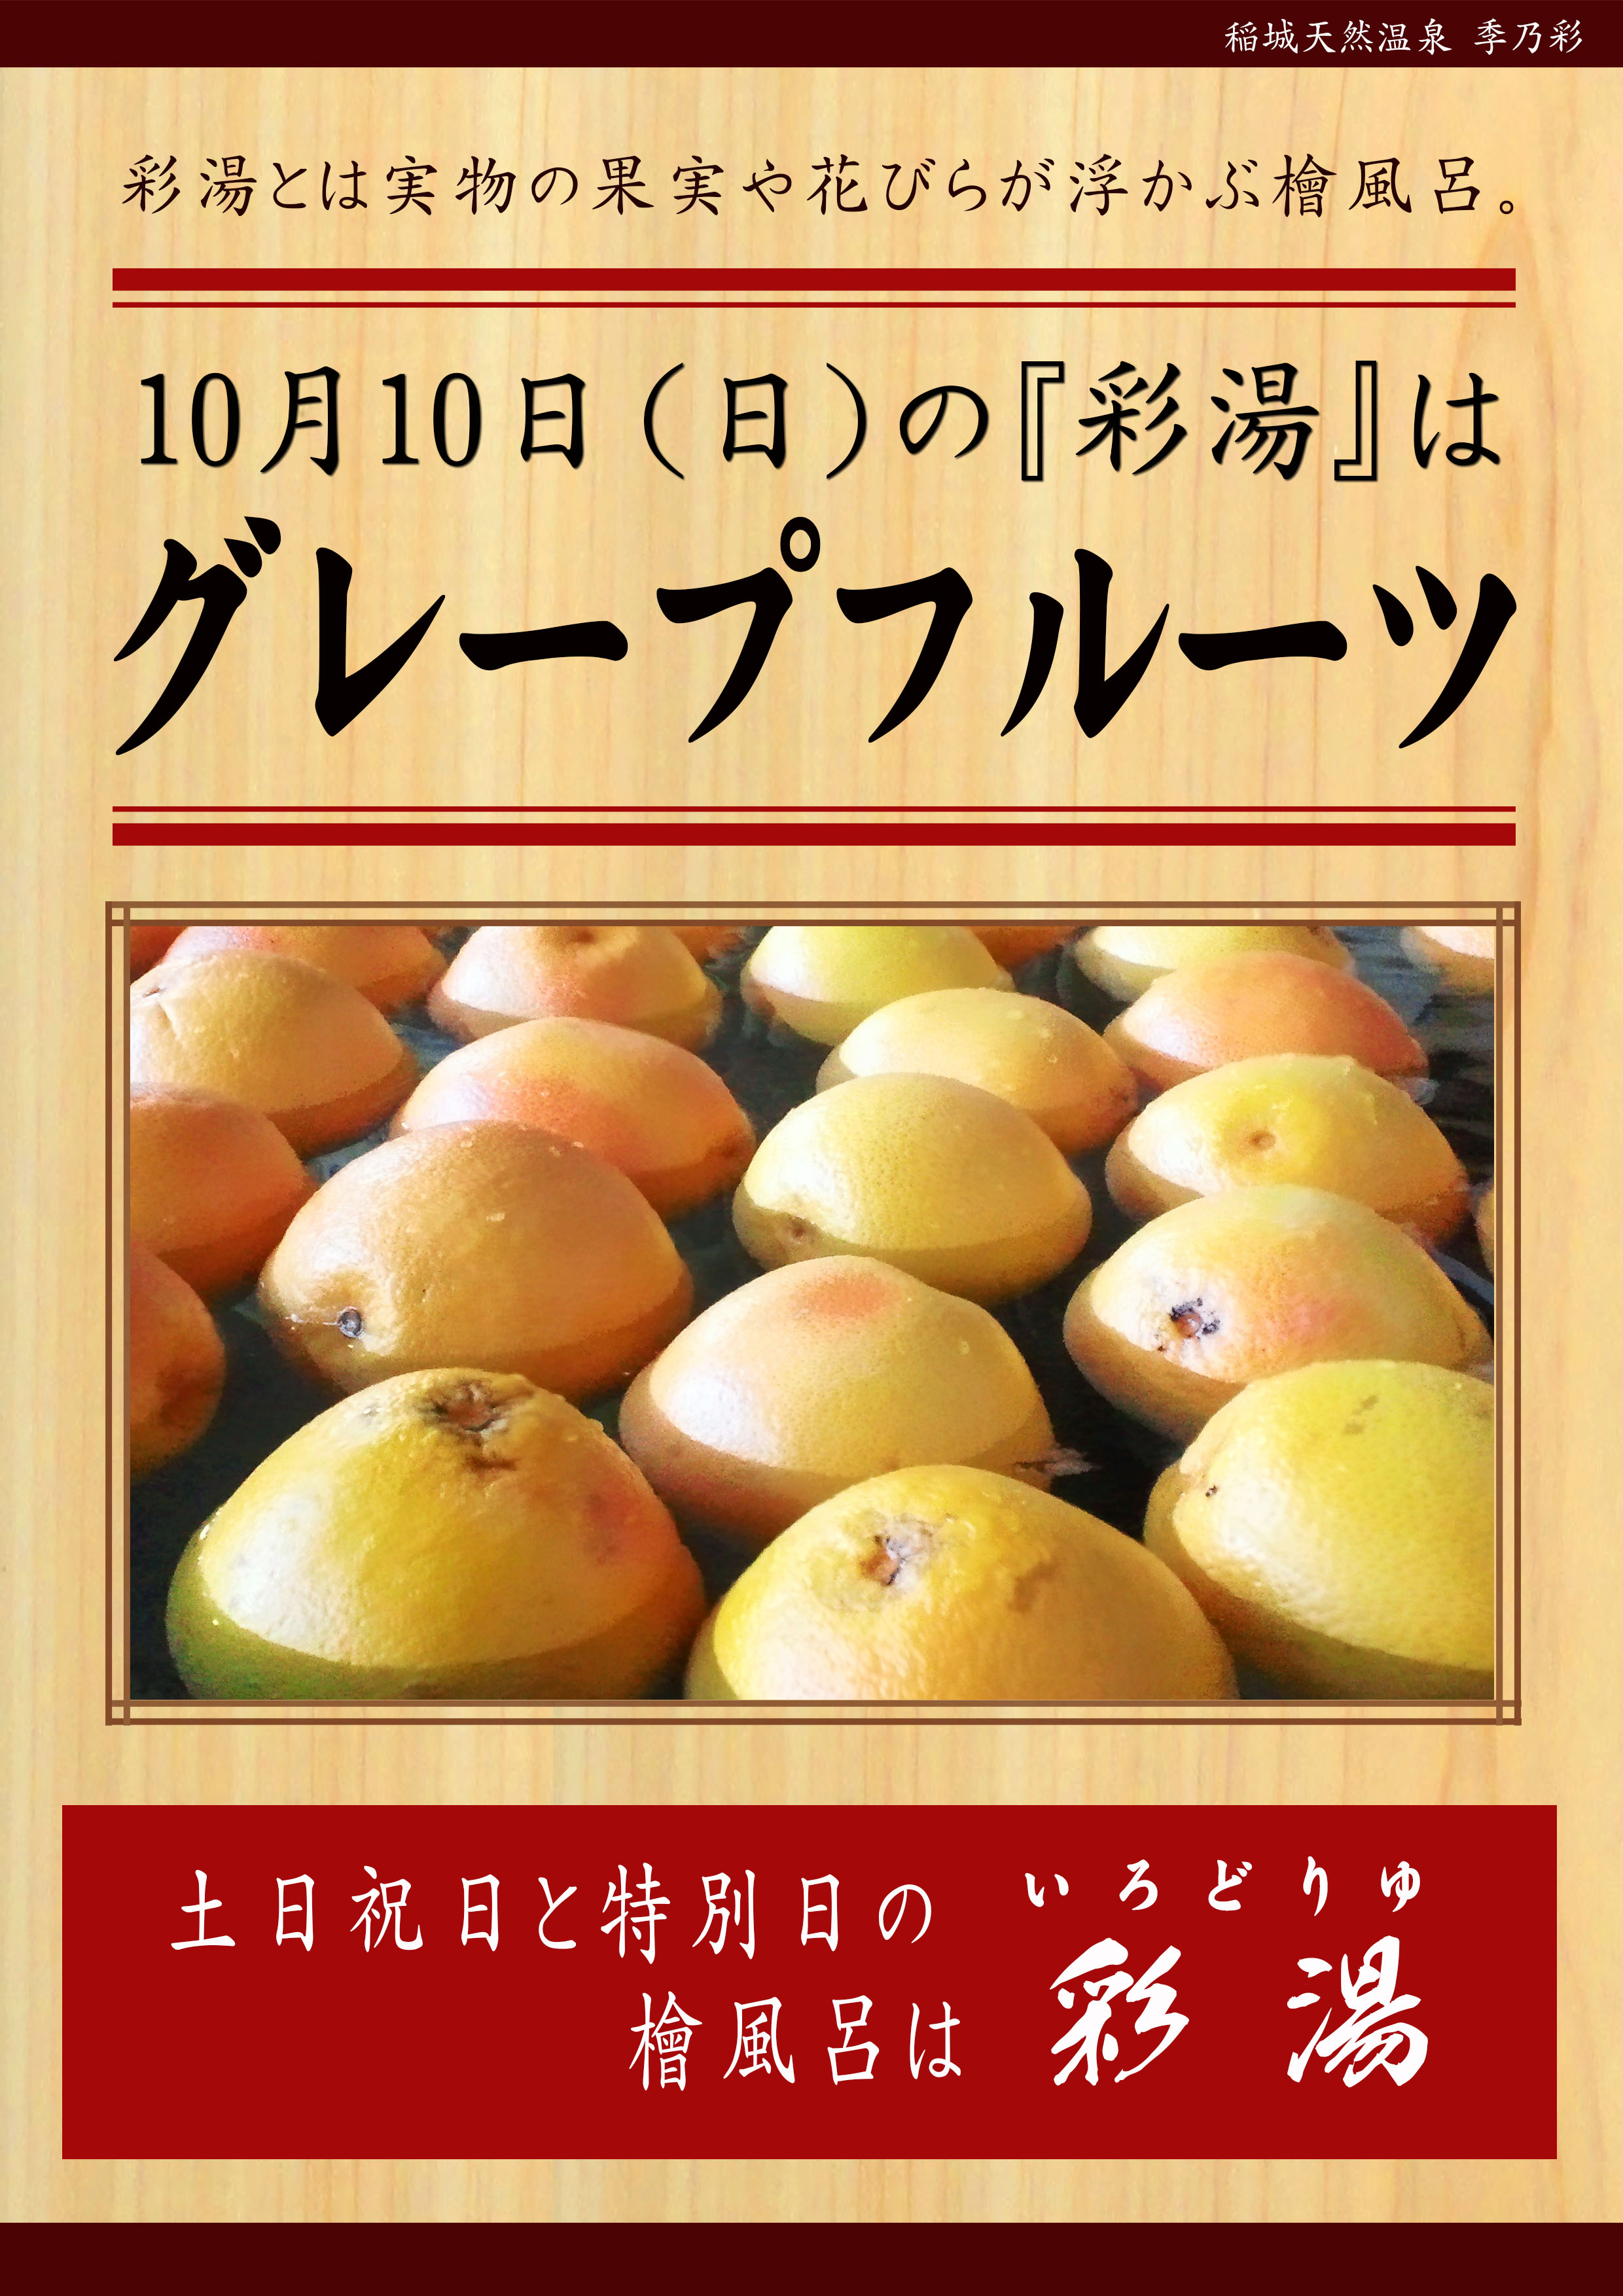 20211010 POP イベント 彩湯 グレープフルーツ